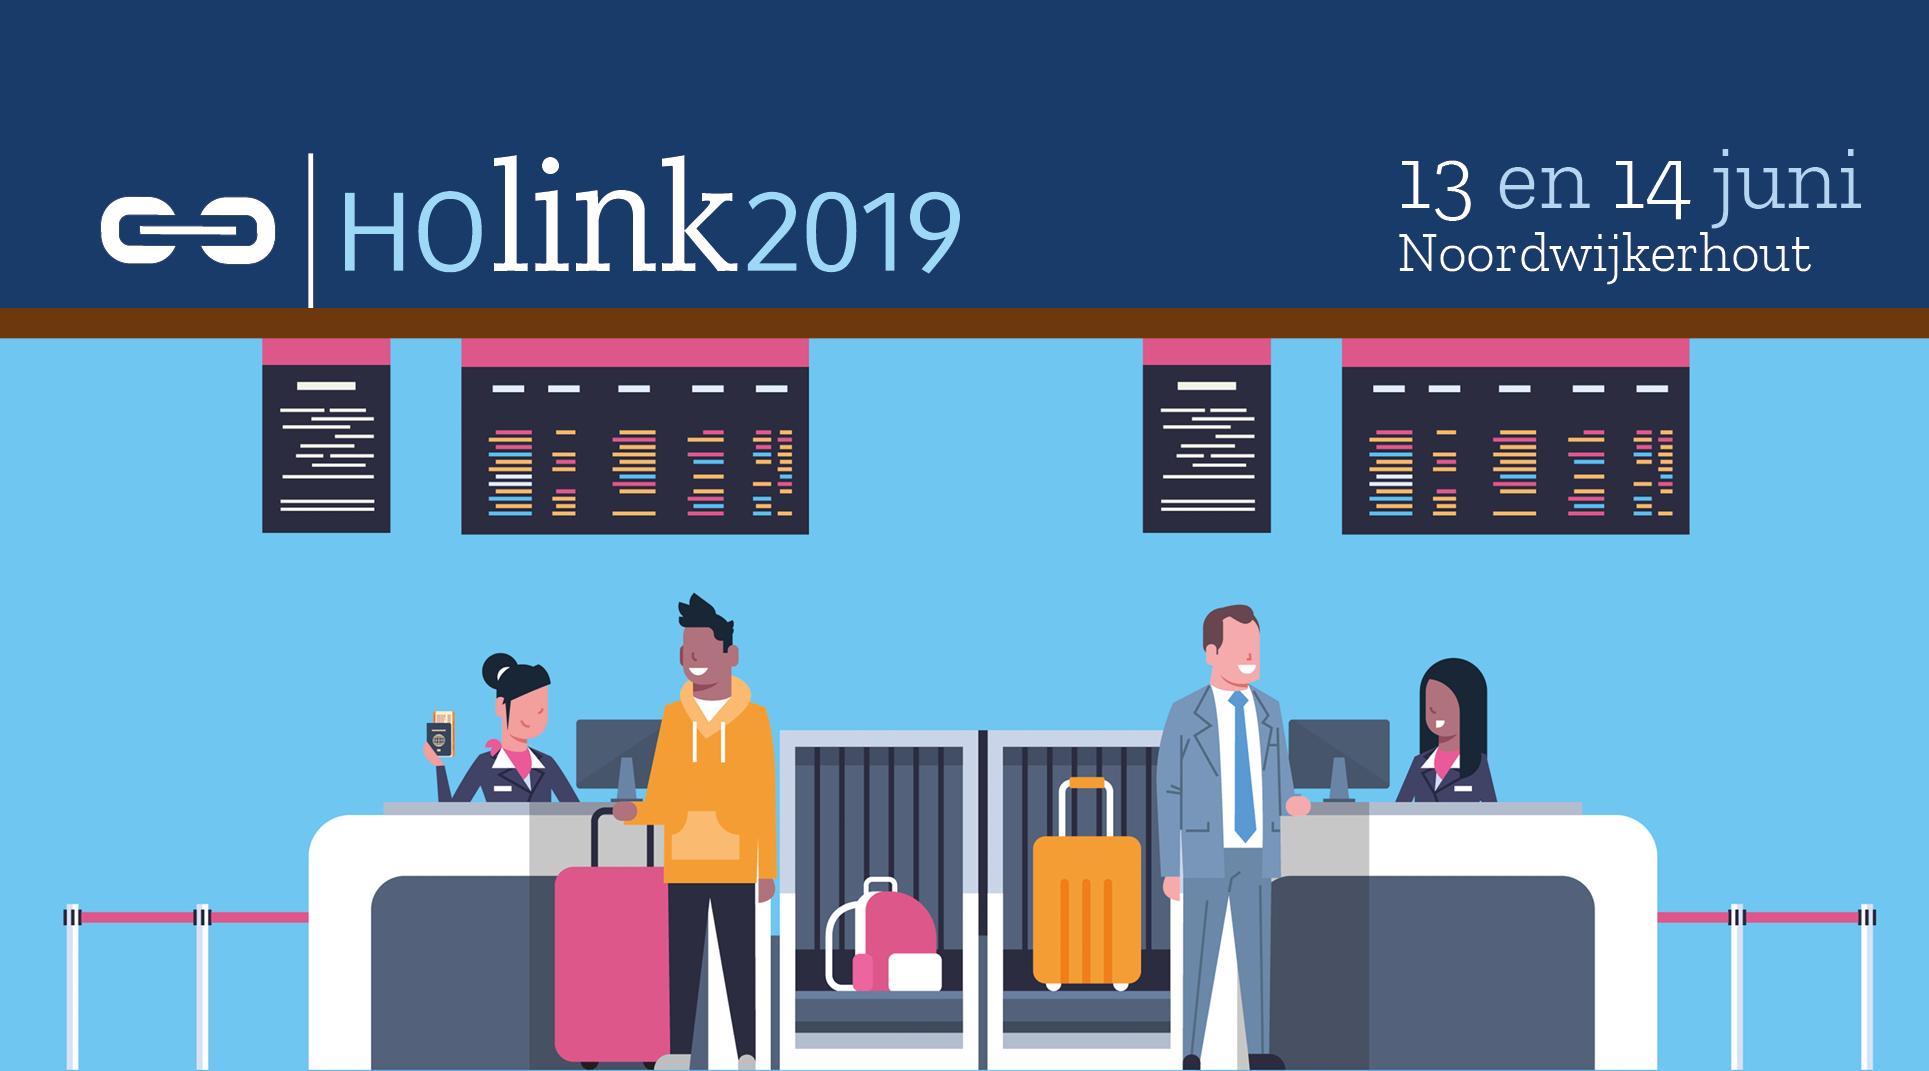 Holink 2019